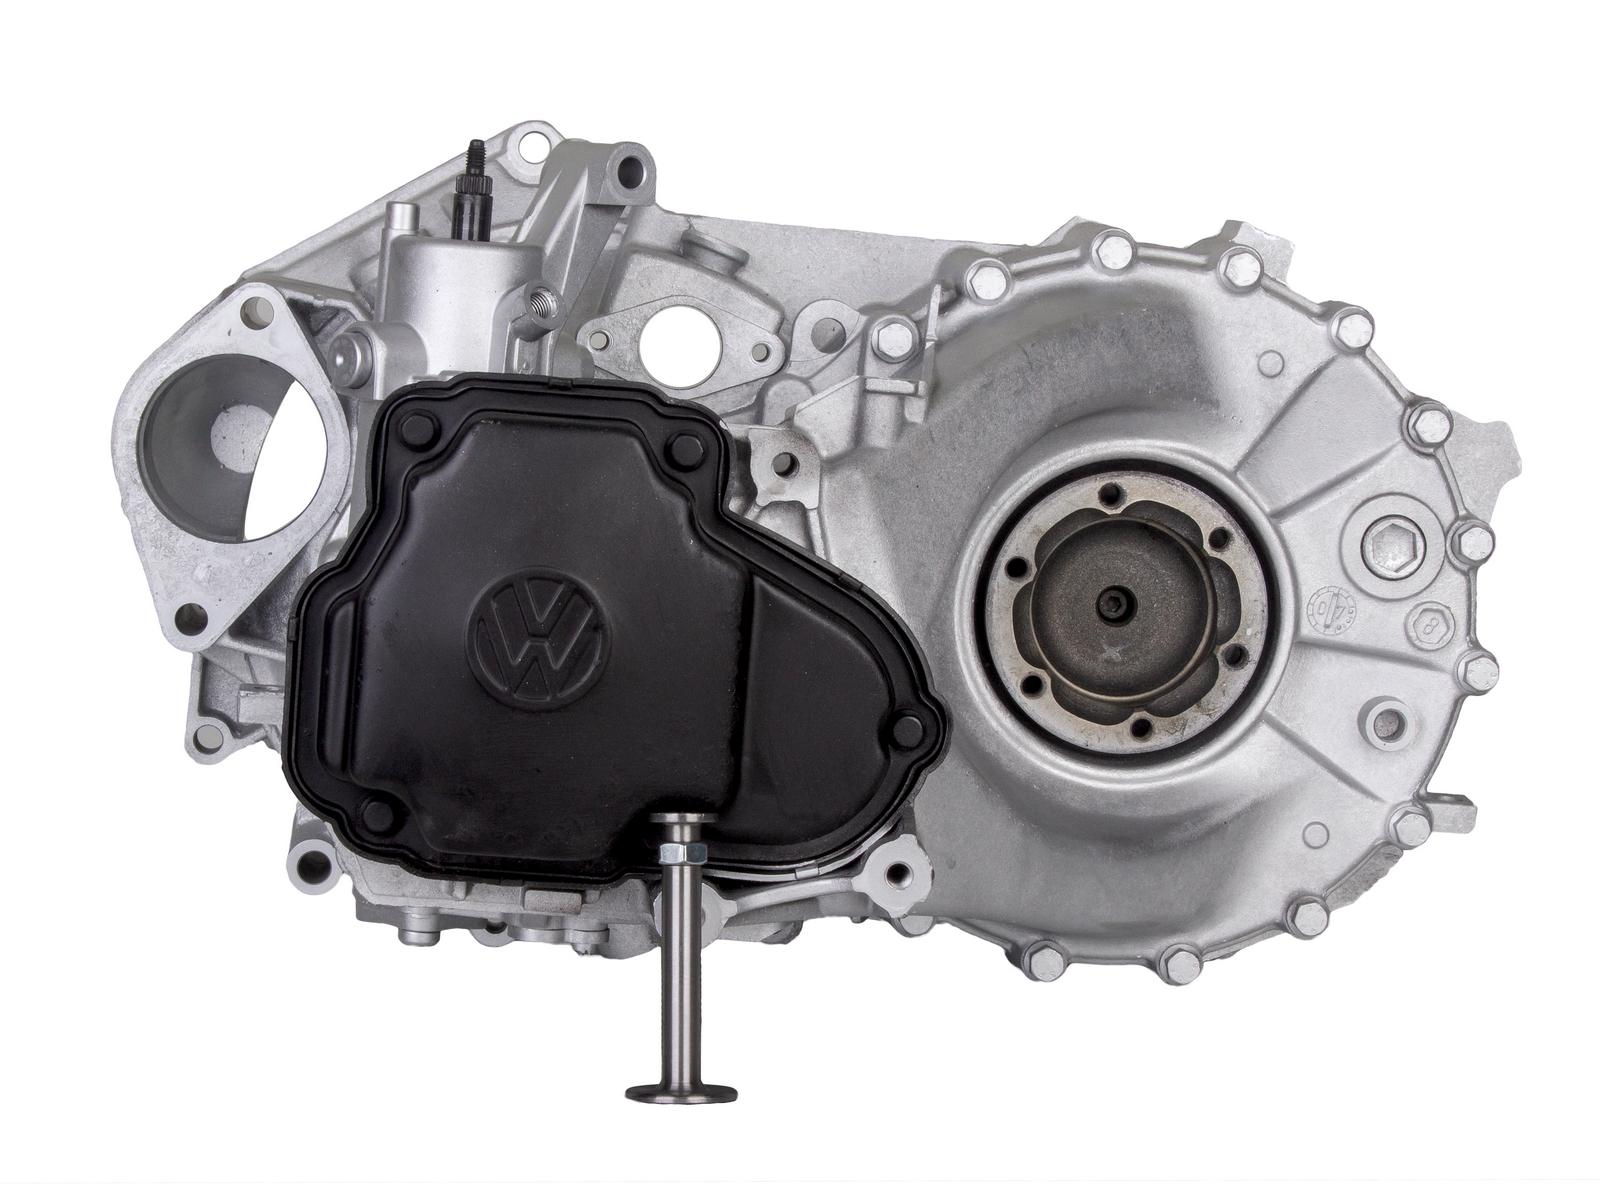 Skrzynia VW T5 manualna JQU